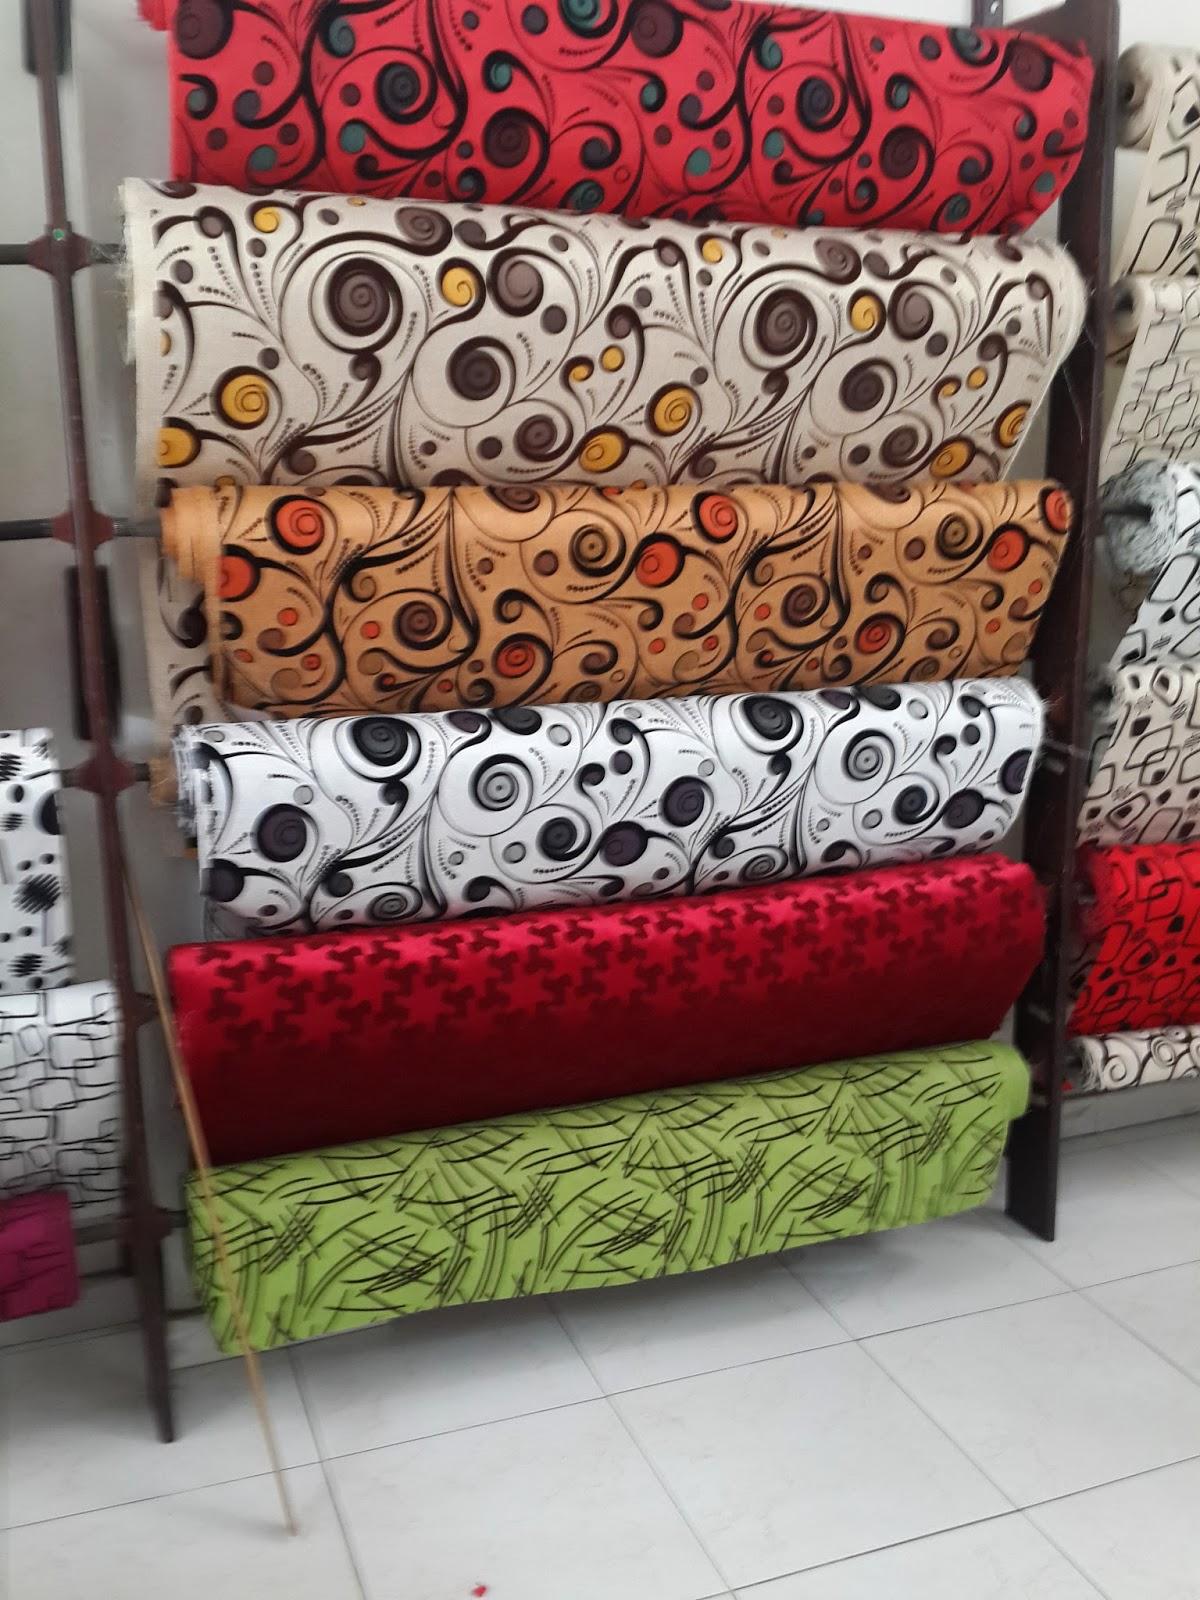 Muebles de tienda muebles para tienda vitrinas tattoo - Muebles munoz y villarreal ...